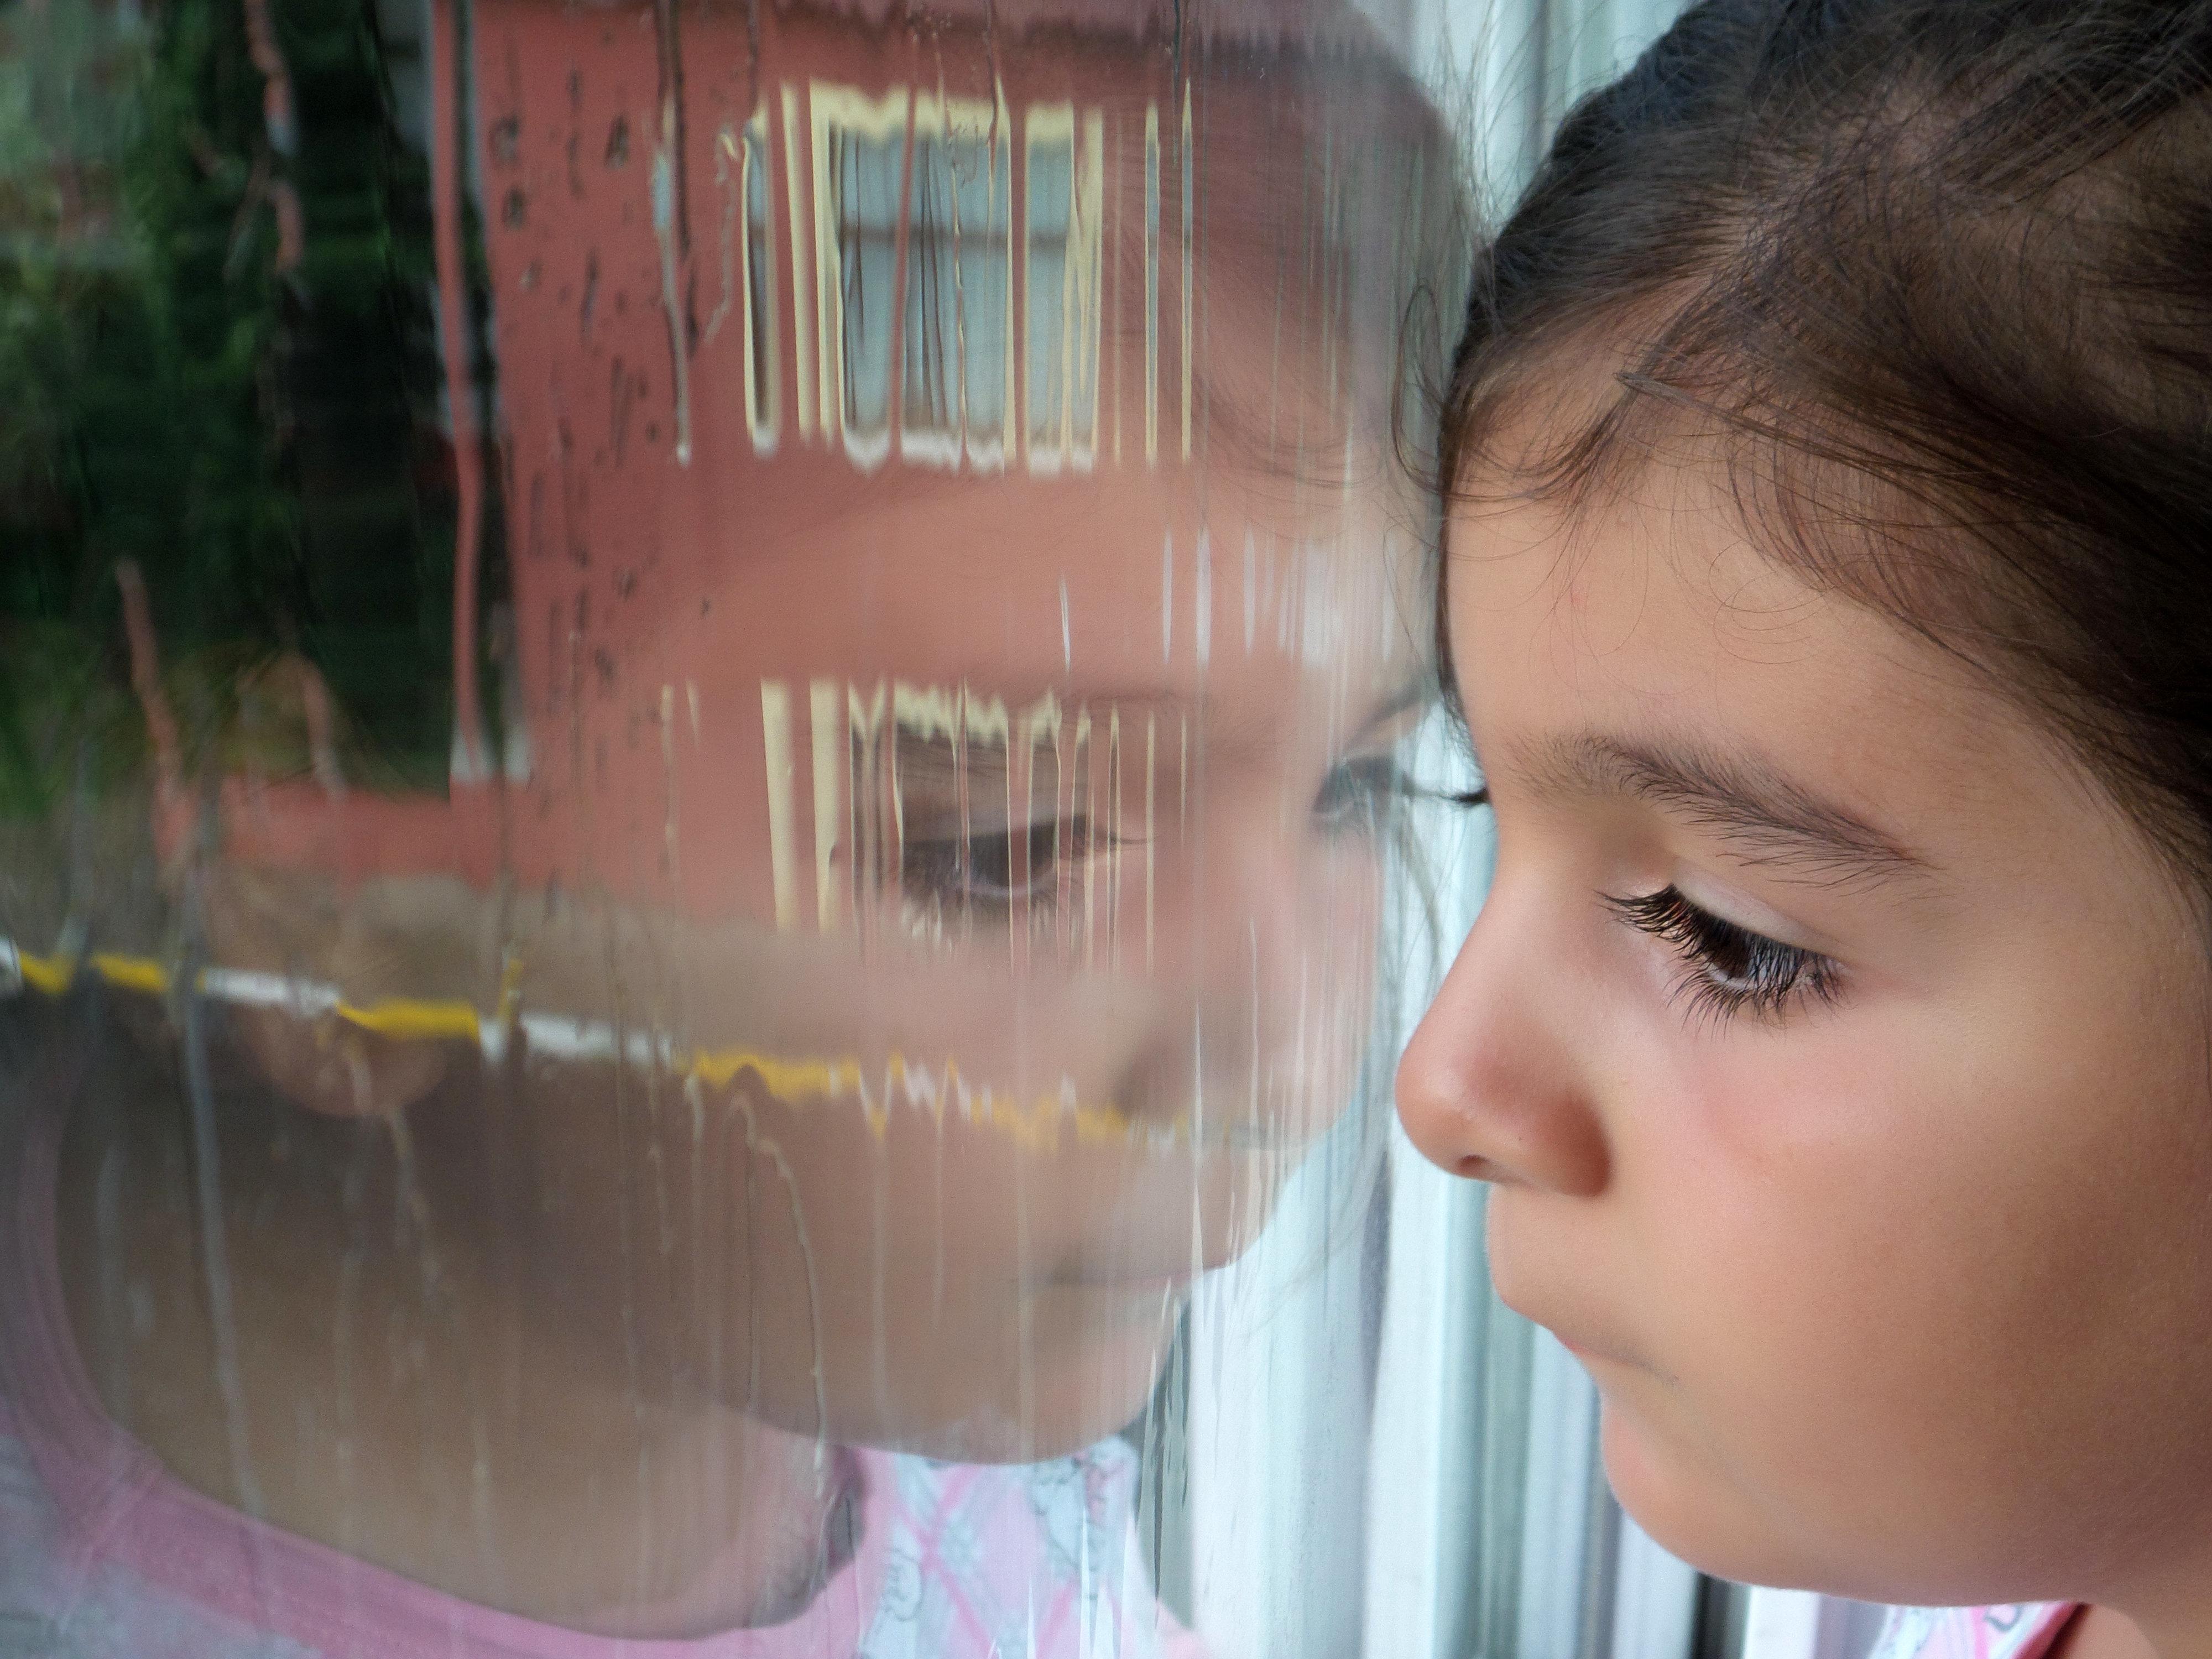 Vor diesen Fehlern sollten sich Hartz-4-Empfänger mit Kindern schützen